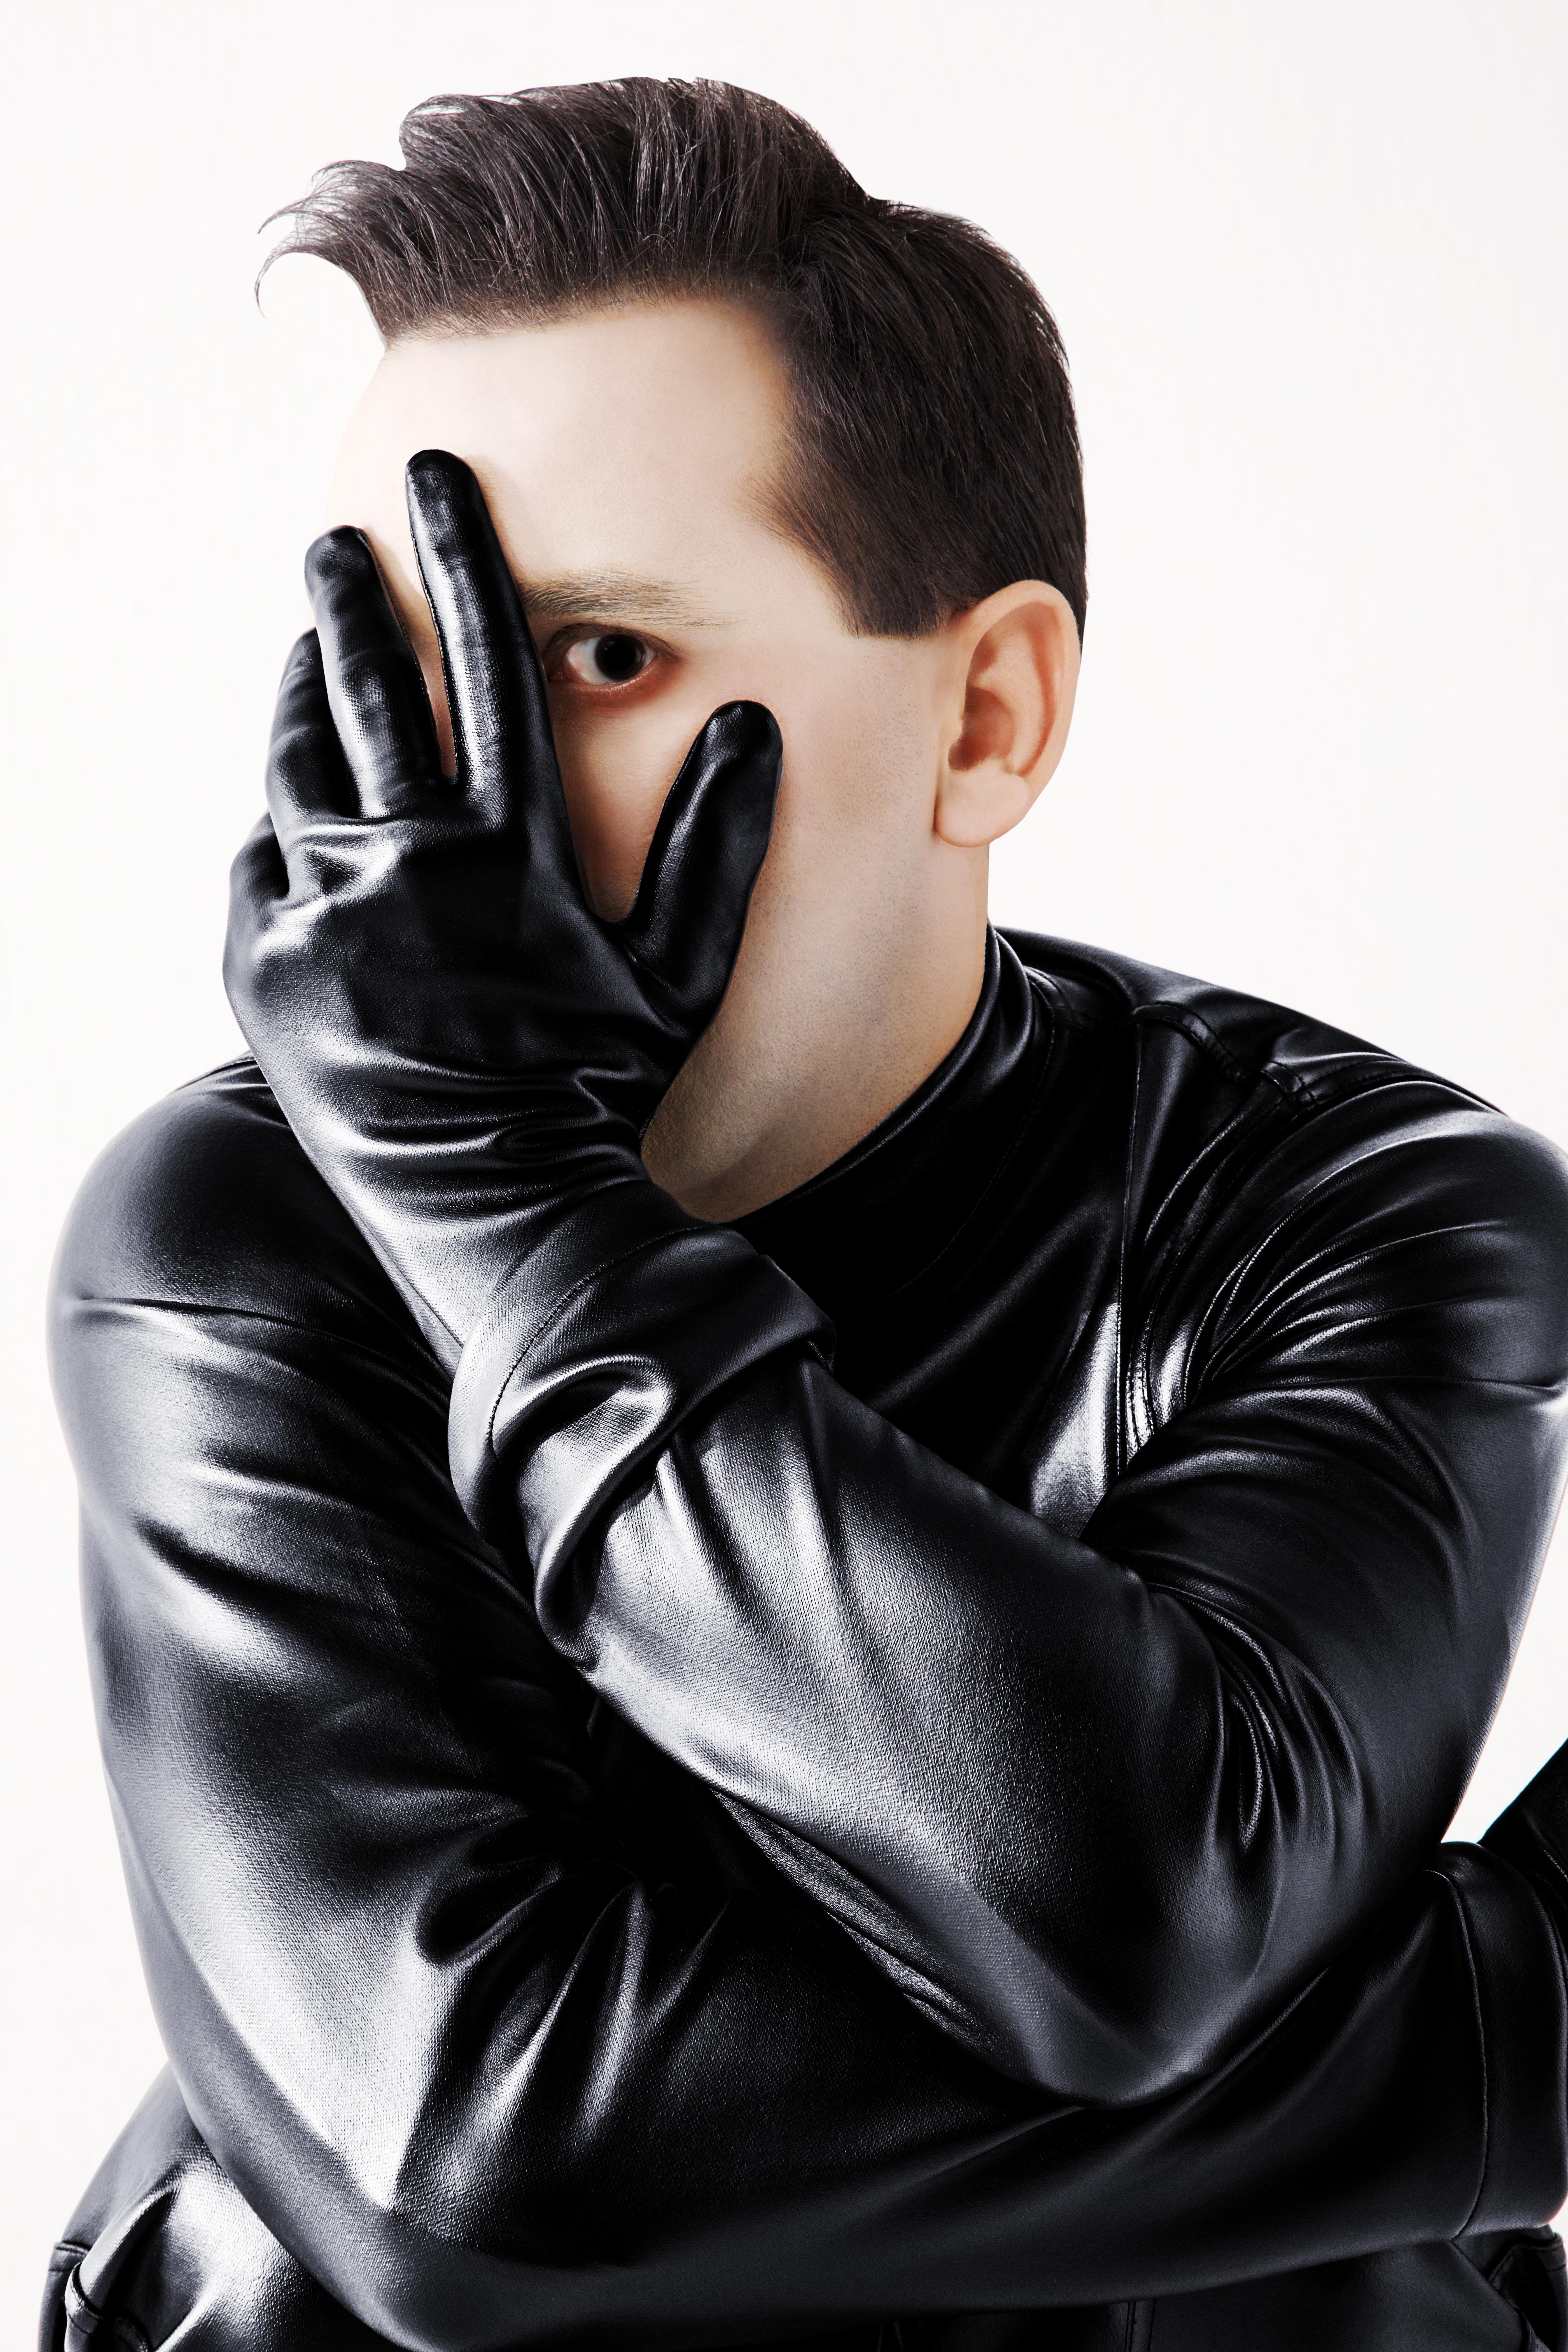 Homem com roupa de couro preta com uma das mãos, de luva preta, no rosto